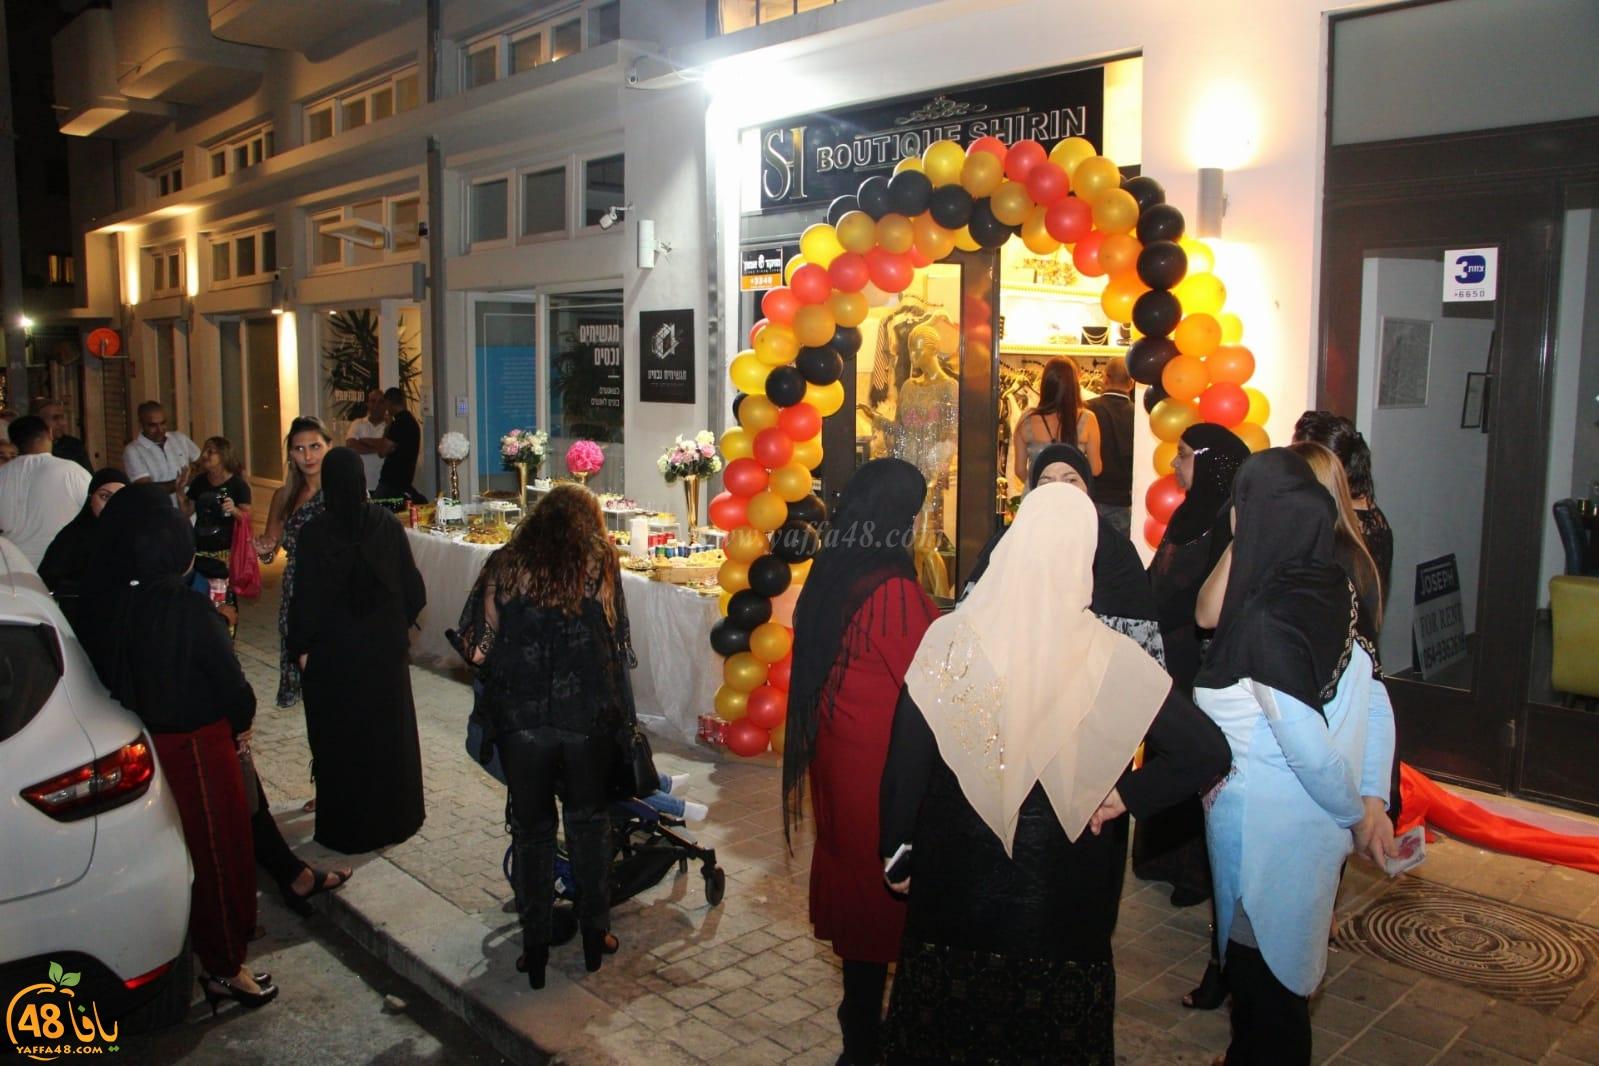 صور: افتتاح محل شيرين ميناوي بيافا للفساتين من أجود الماركات العالمية